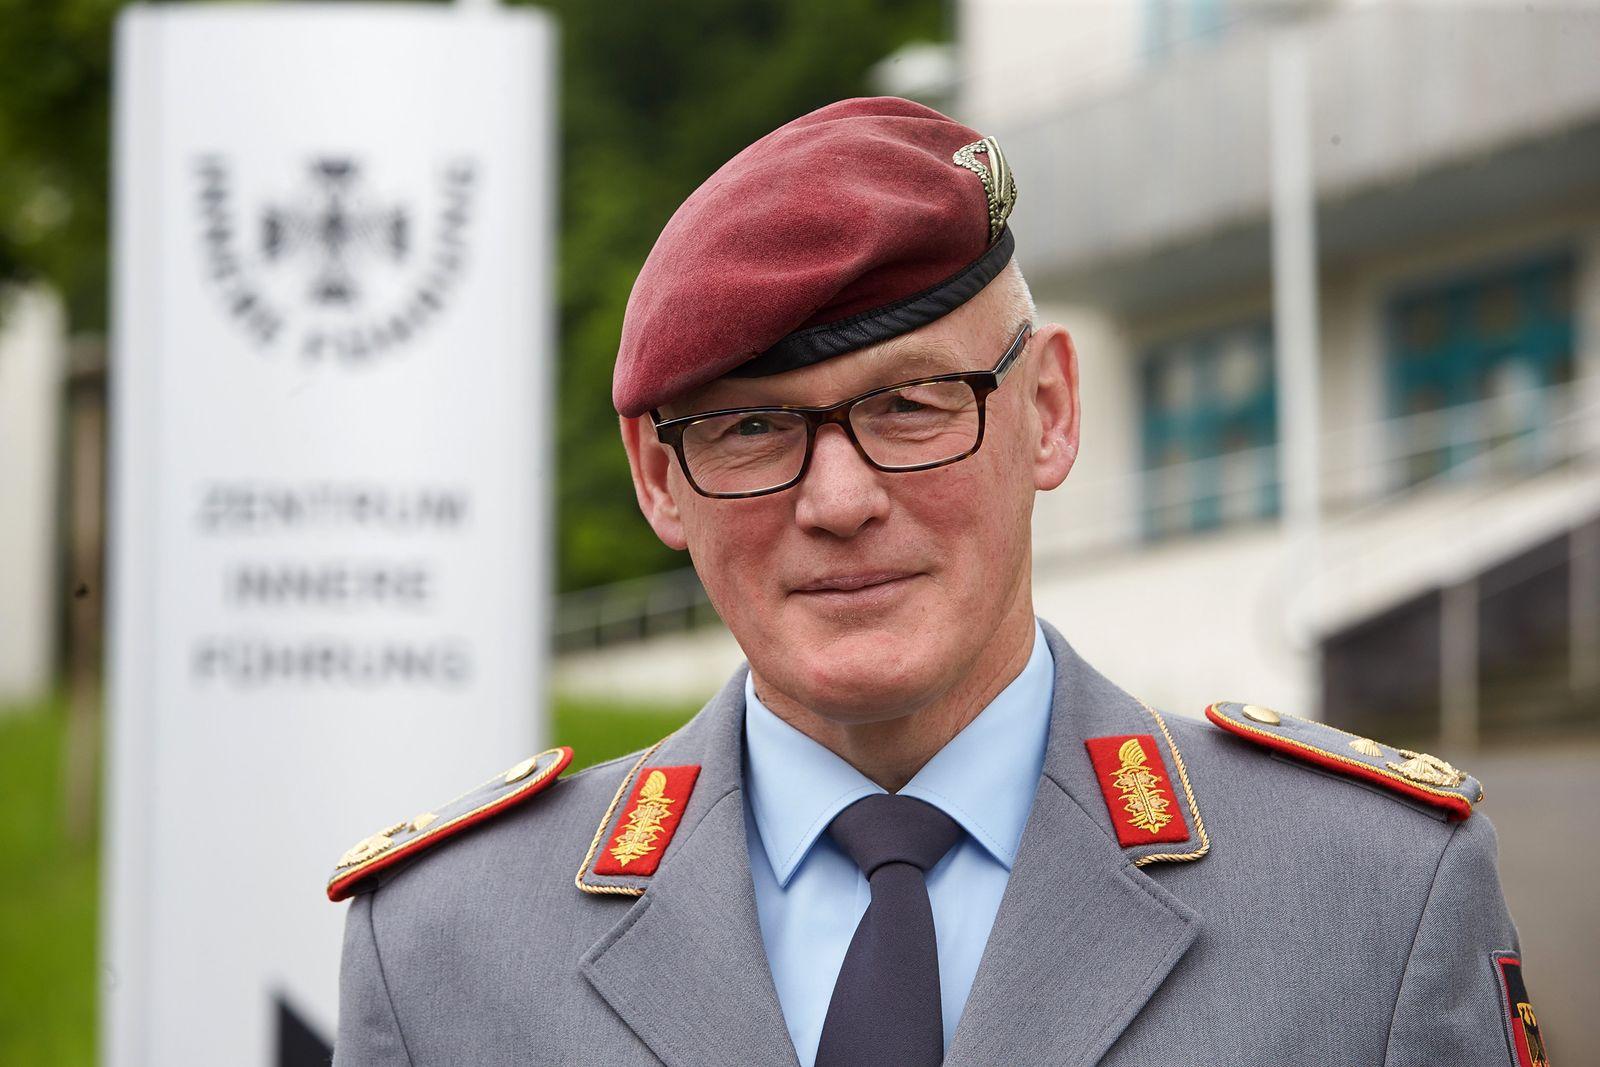 Kommandeur des Zentrum Innere Führung Reinhardt Zudrop